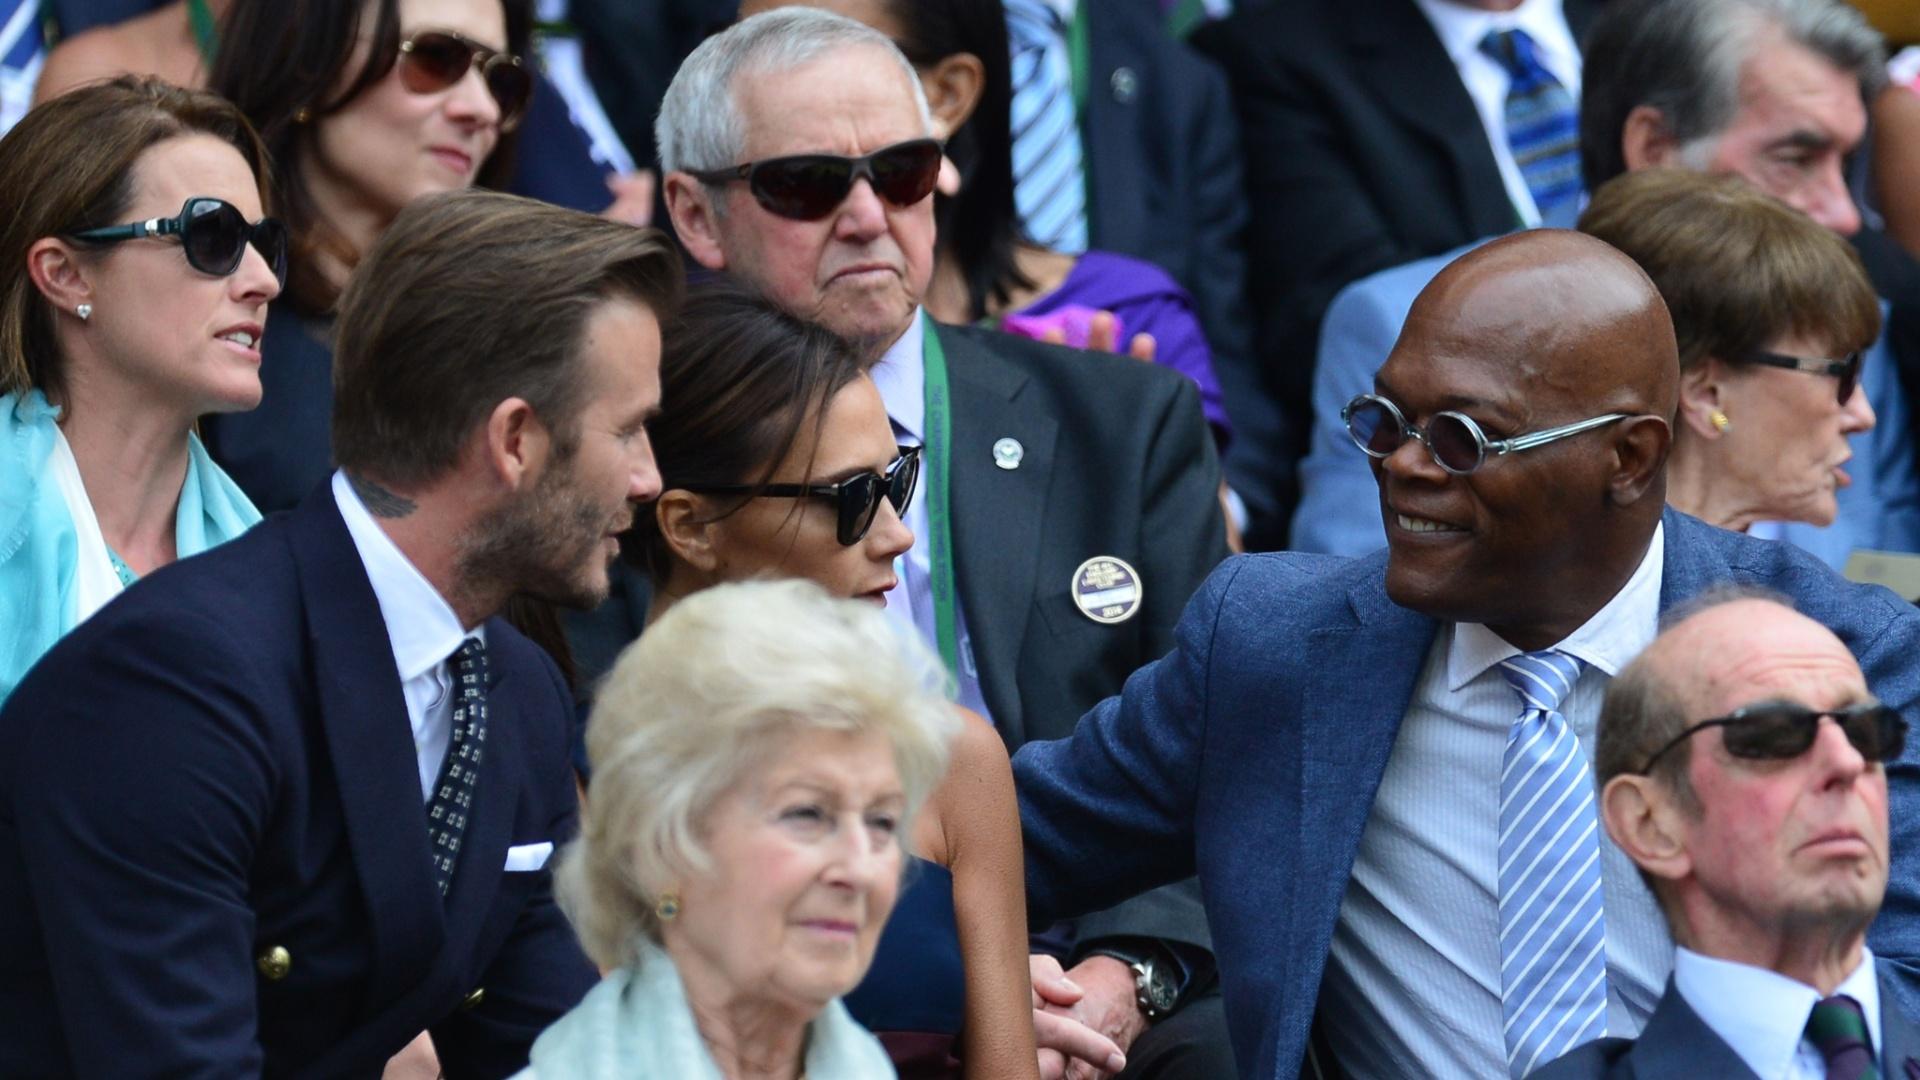 Ator americano Samuel L Jackson conversa com David e Victoria Beckham antes da final entre Federer e Djokovic